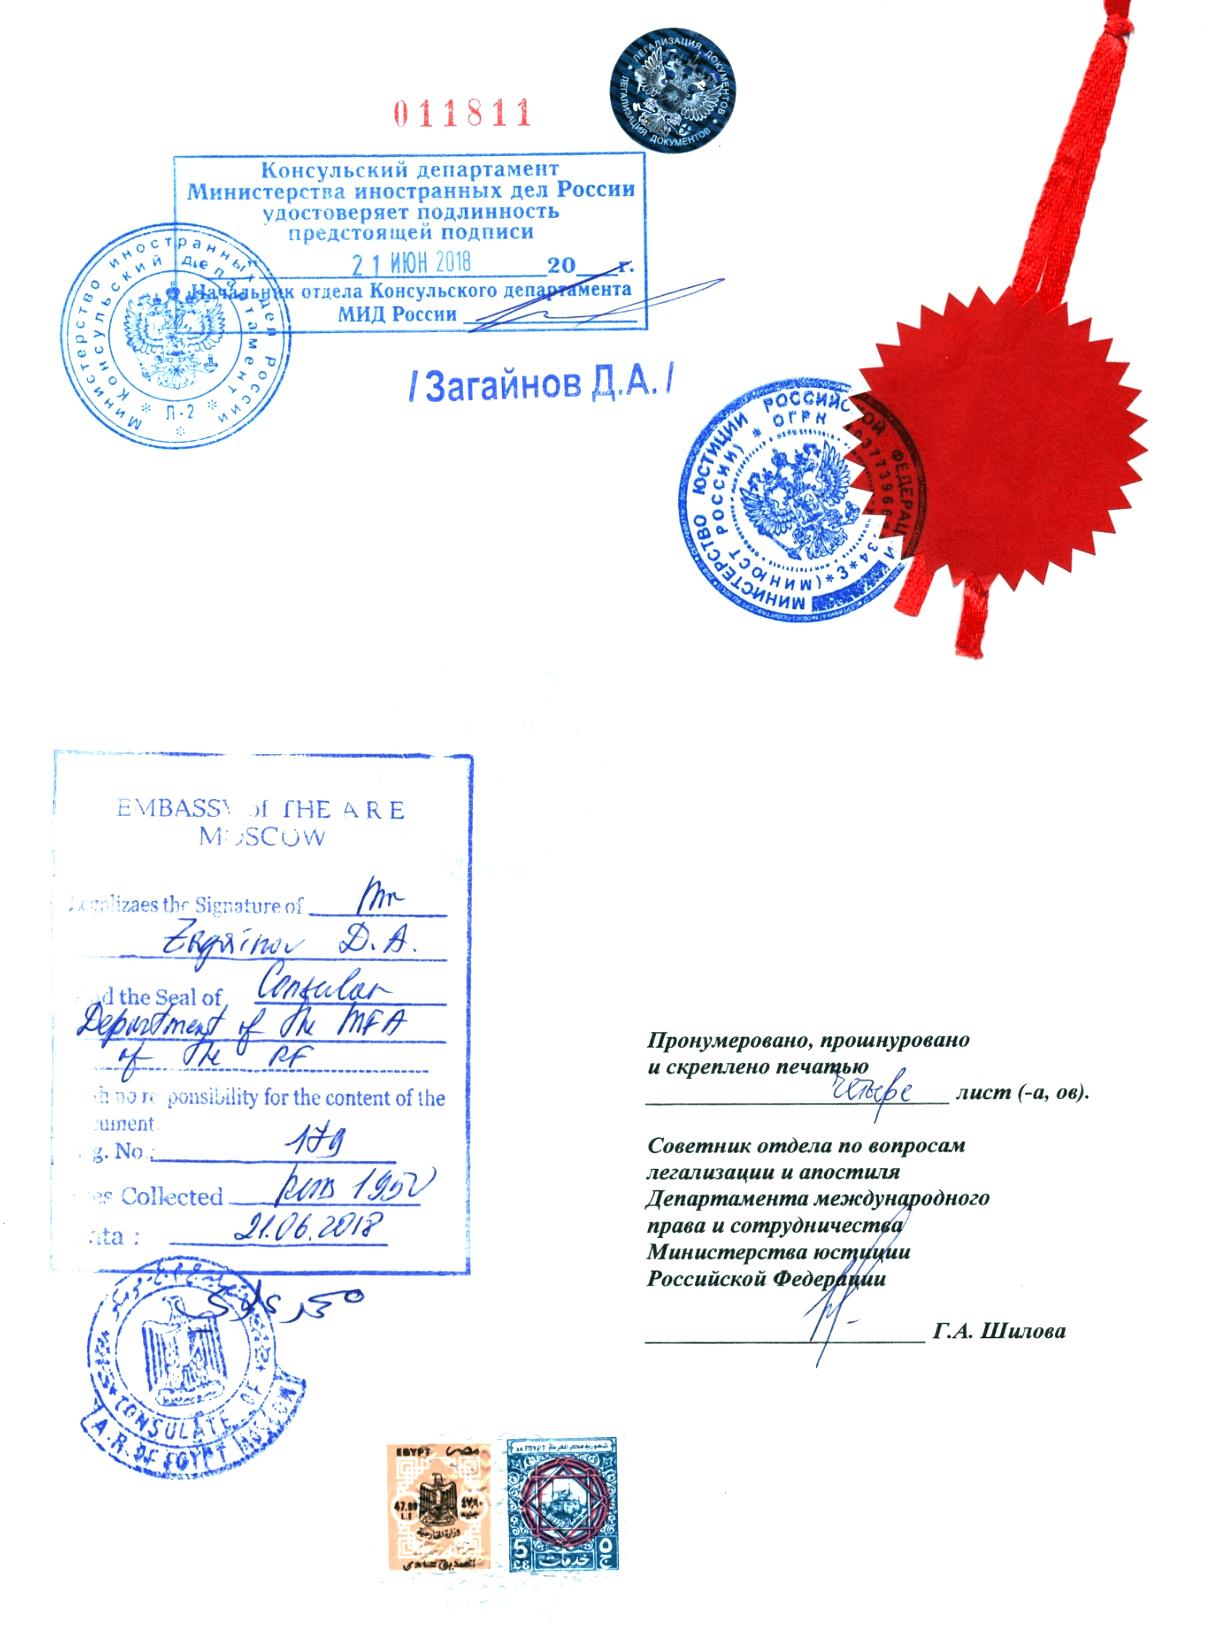 Подтверждение консулом Египта печати МИД РФ